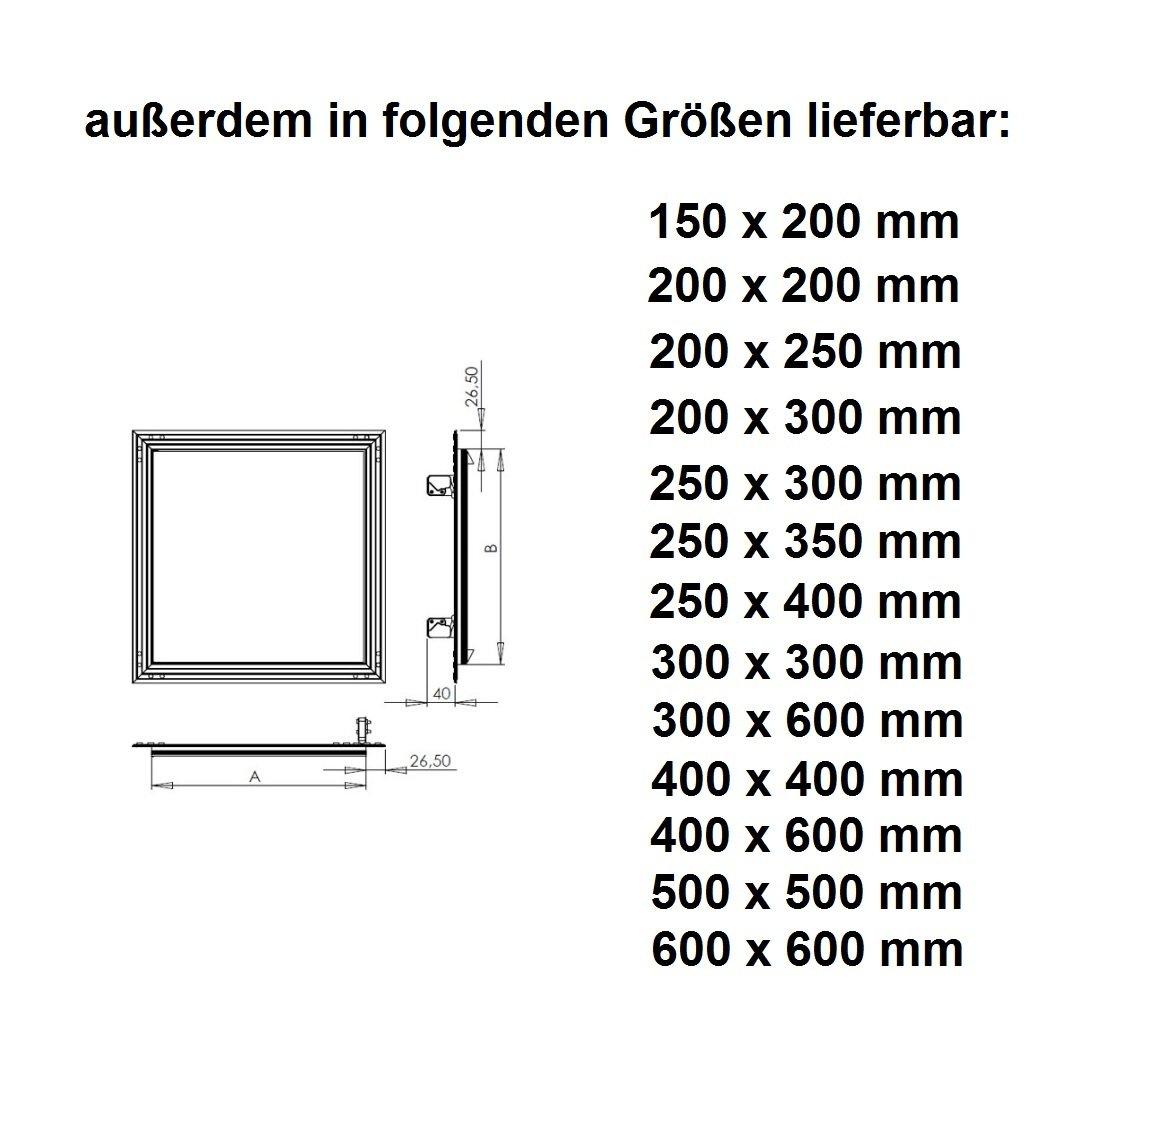 Revisionsklappe GK-Einlage 200 x 300 mm Gipskarton 12,5 mm KRAL4 Revisionst/ür Revision Wartungst/ür 20 x 30 cm Wartung Reinigungsklappe Wartungs/öffnung mit Aluminium-Rahmen Feuchtraumgeeignet gr/ün Trockenbau